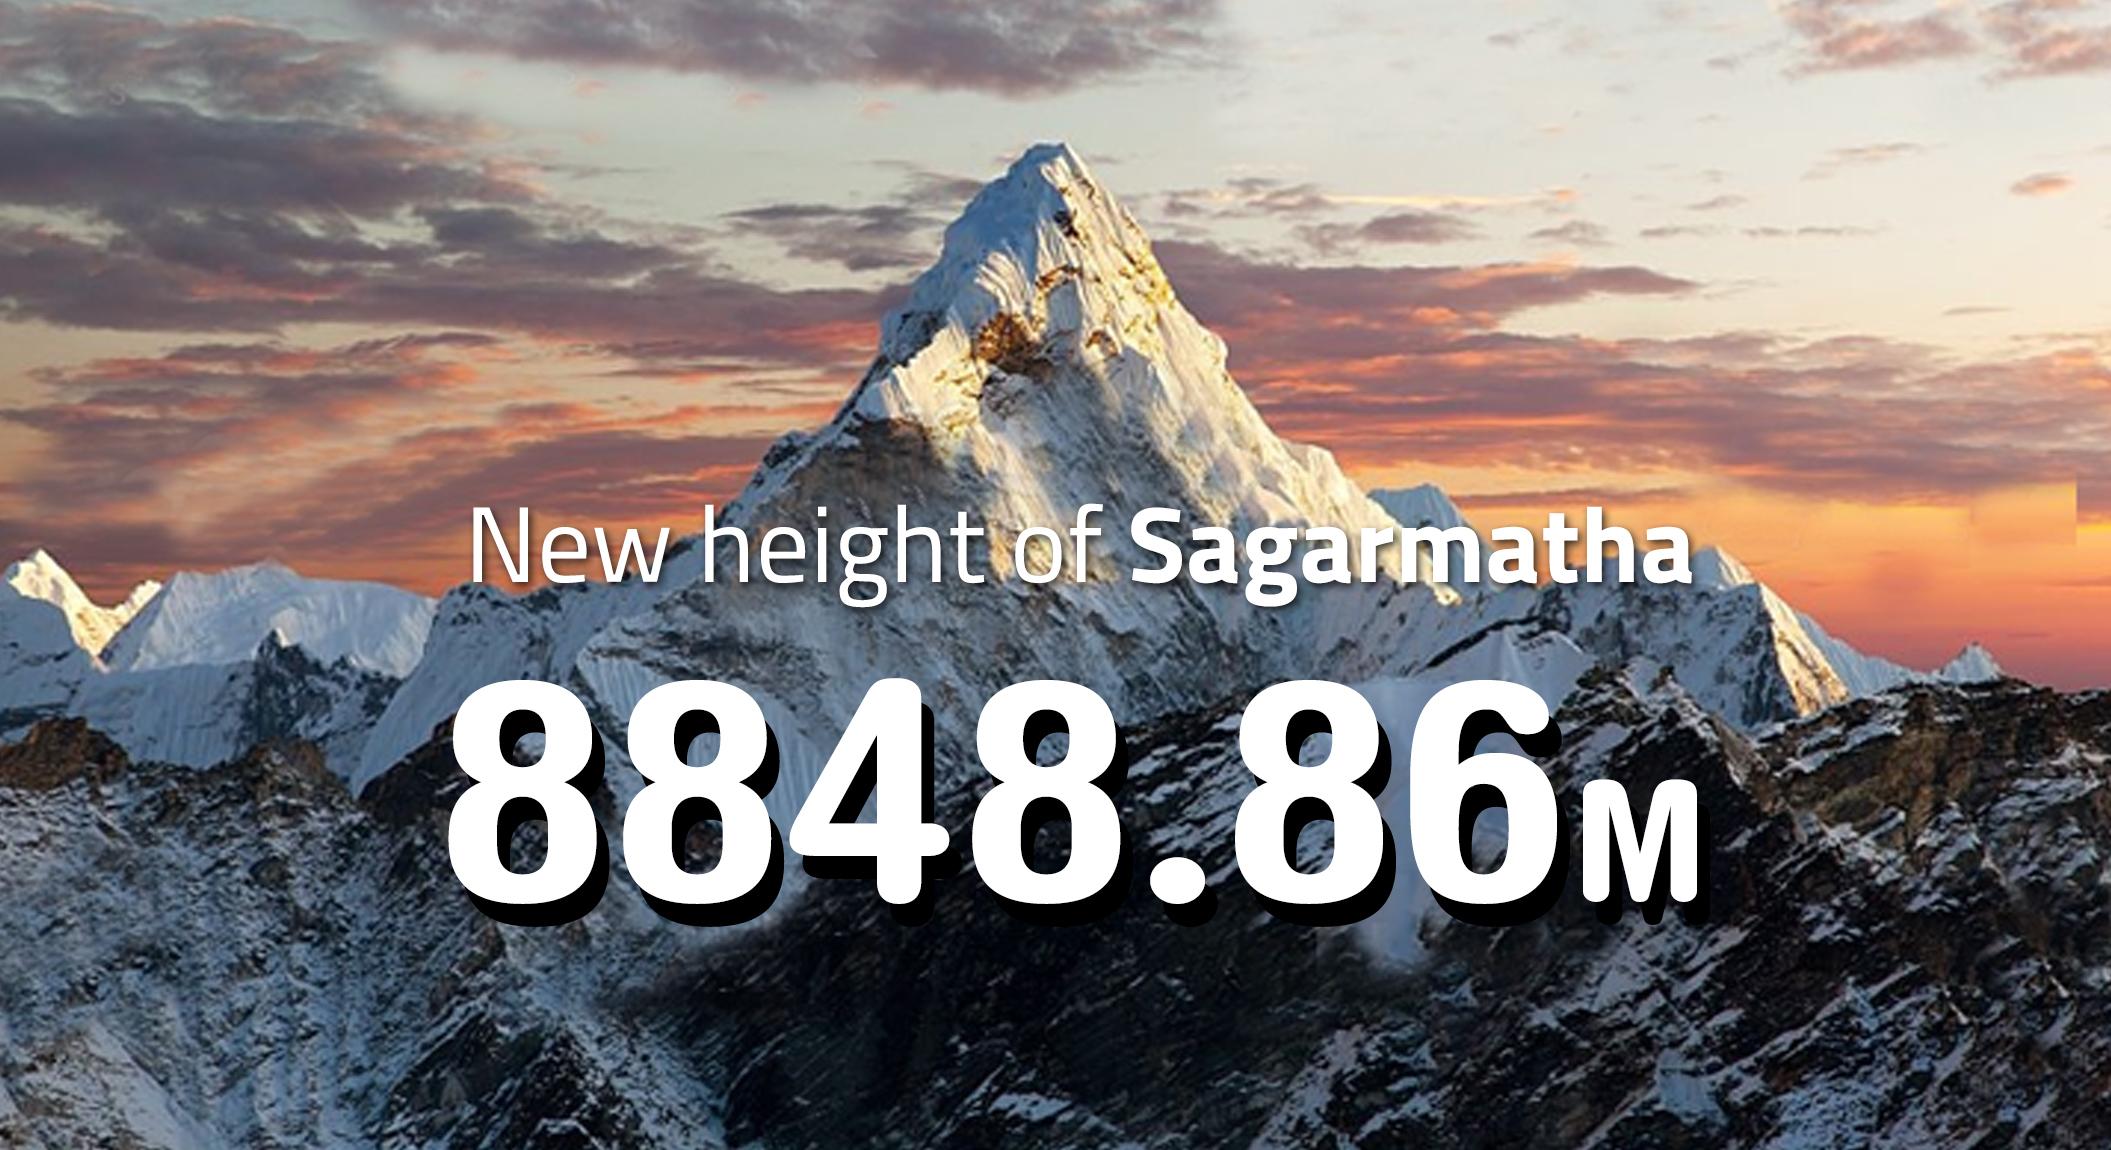 सगरमाथाको उचाइ ८६ सेन्टिमिटरले बढेर ८८४८.८६ मिटर कायम